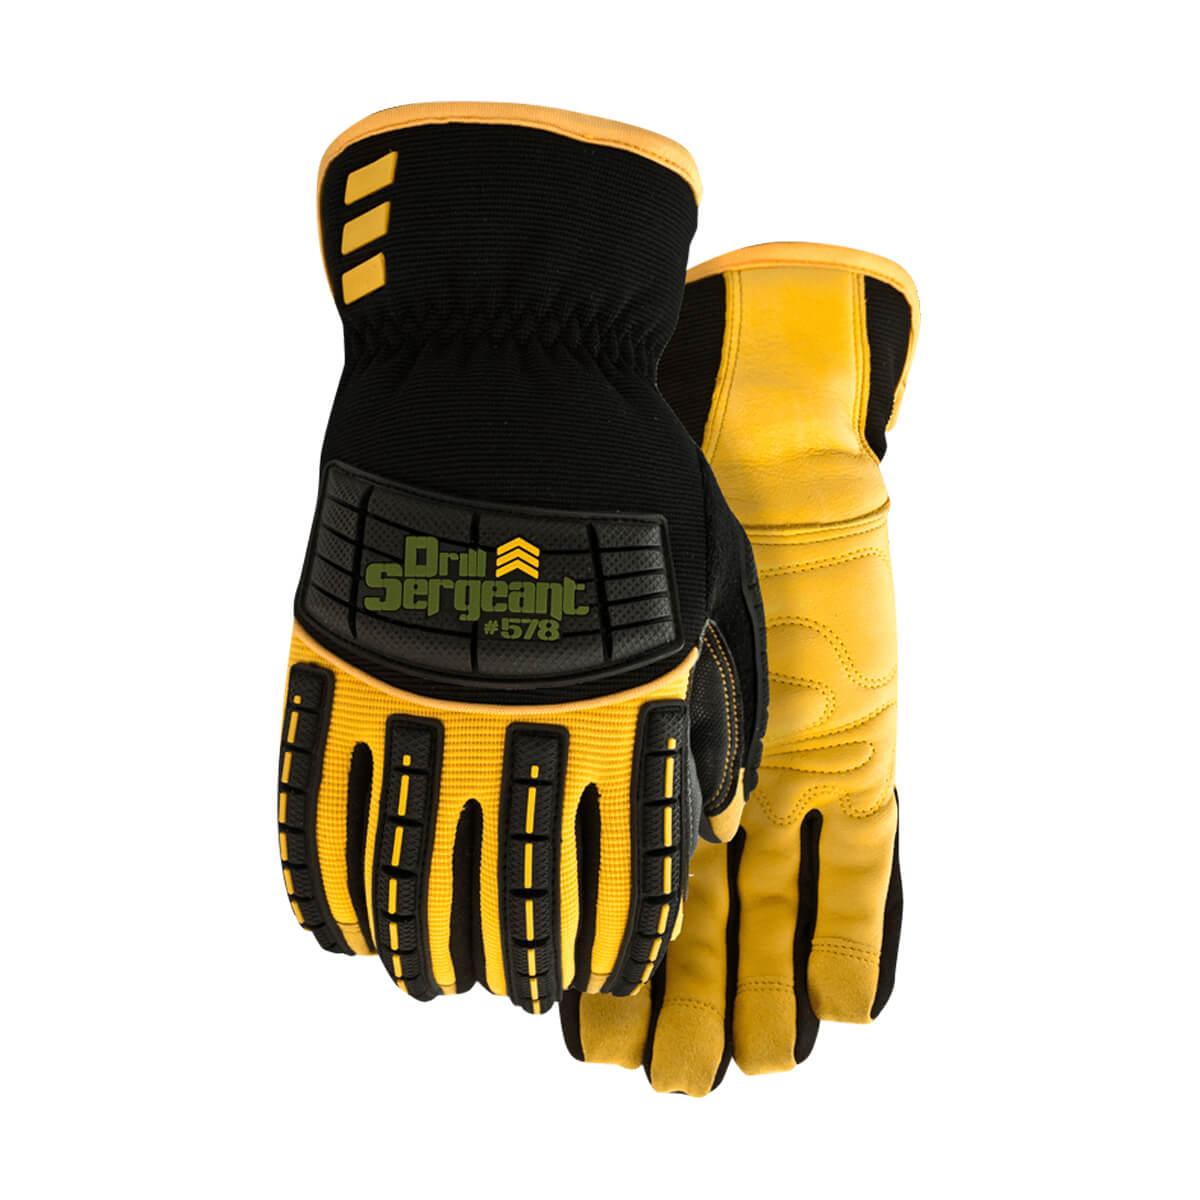 Drill Sergeant Gloves